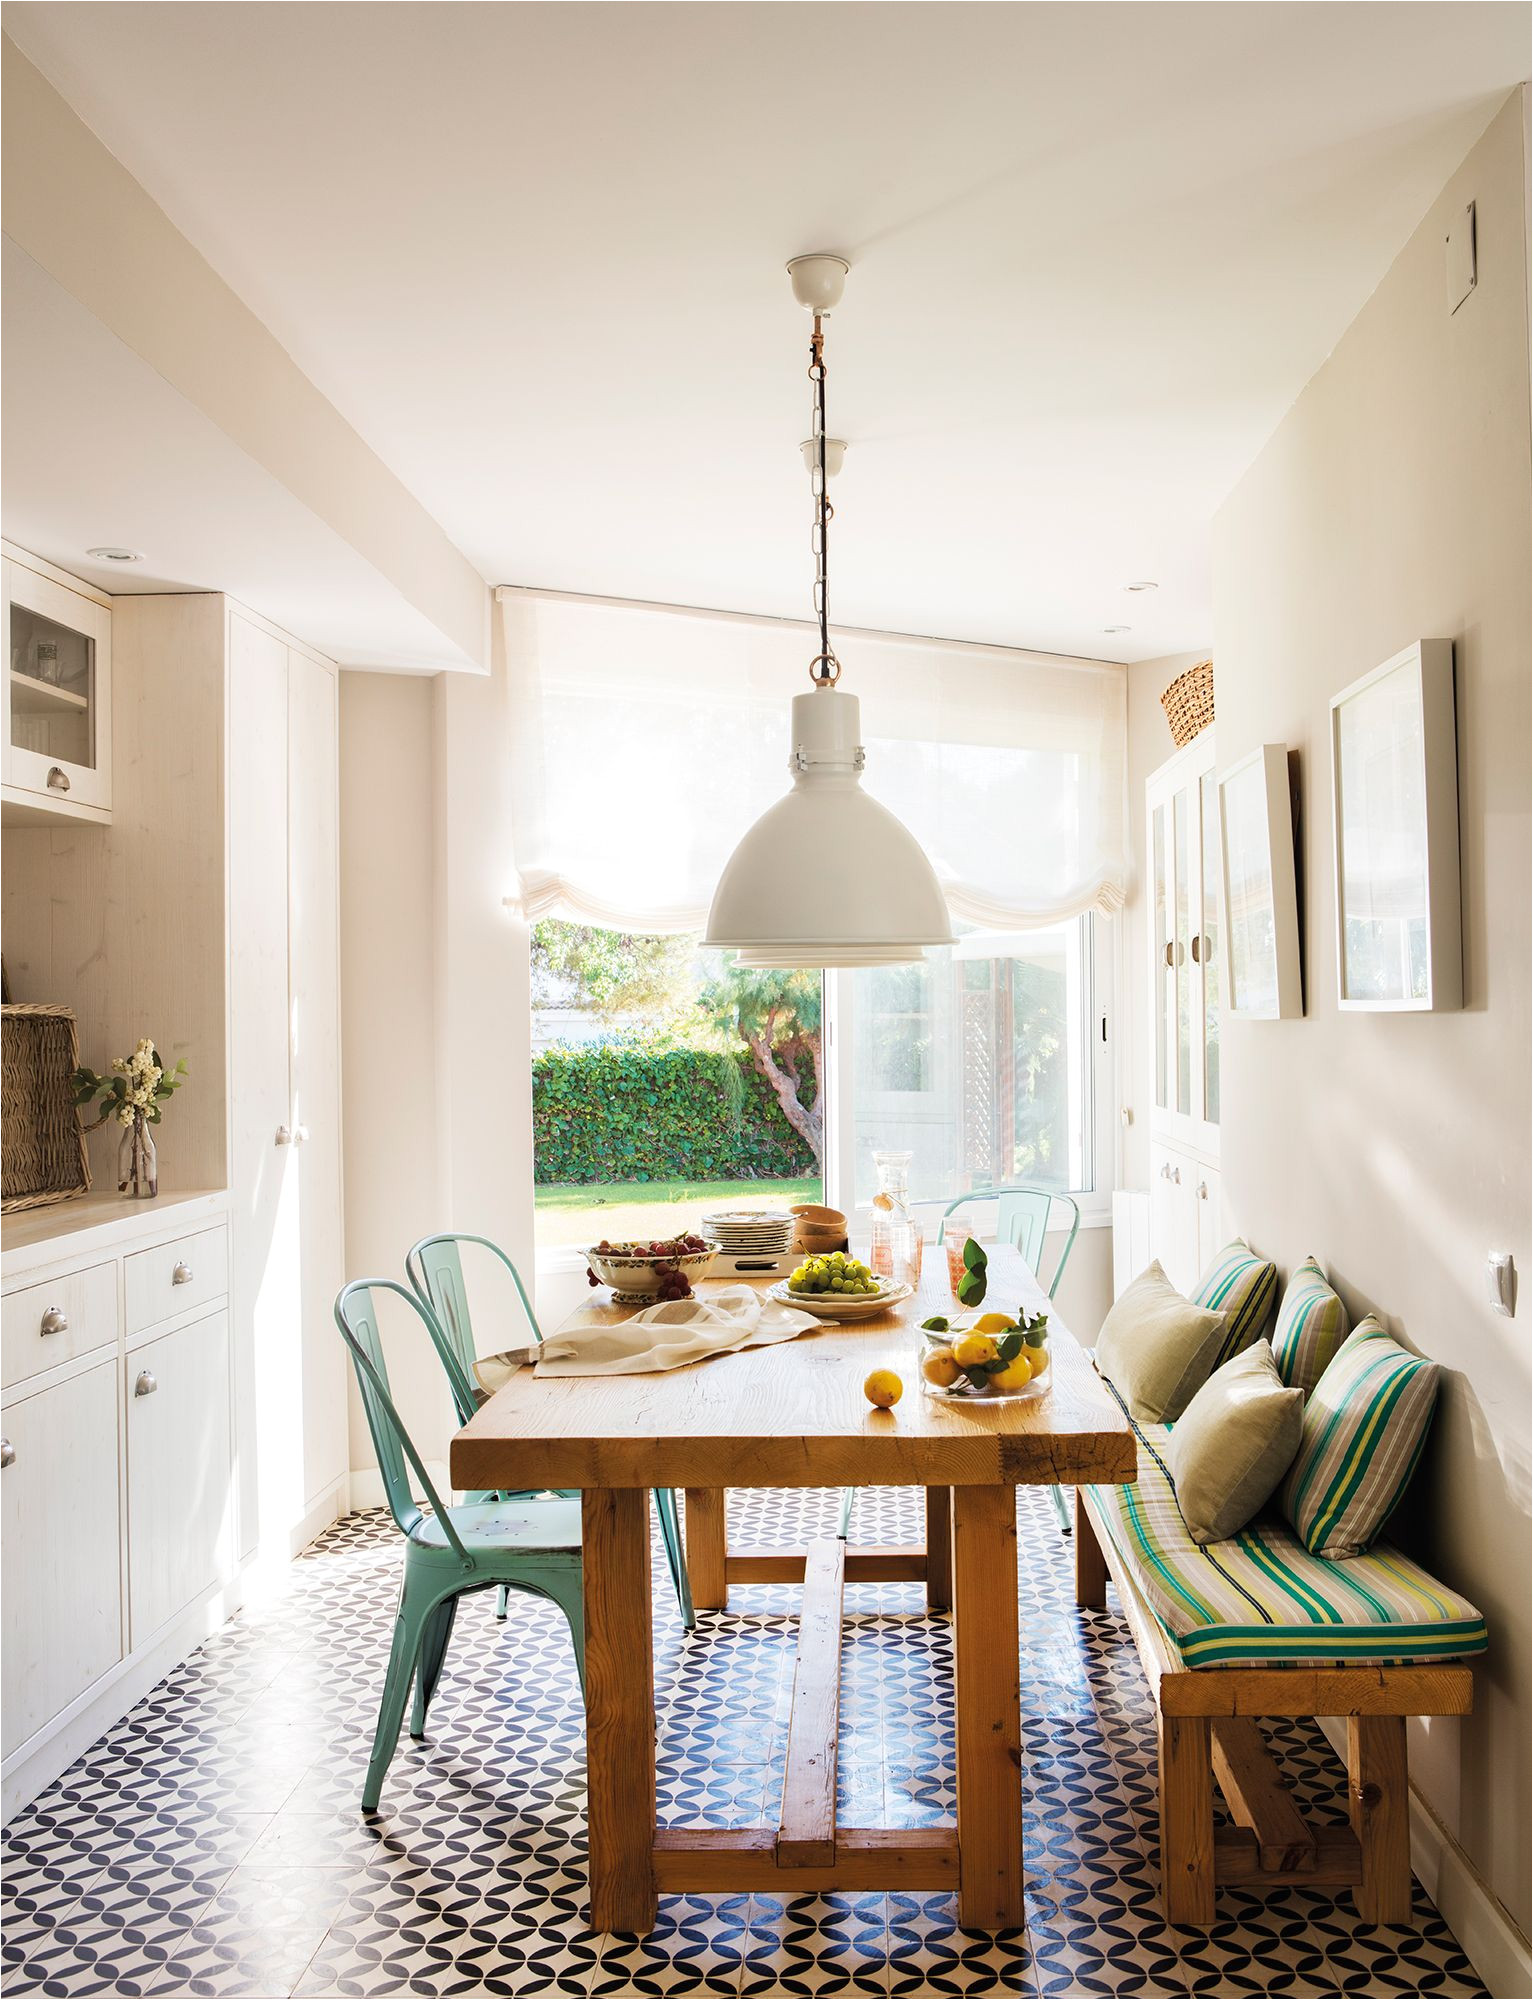 office abierto a la cocina en blanco con mesa de madera y banco y sillas tolix verdes 00442916